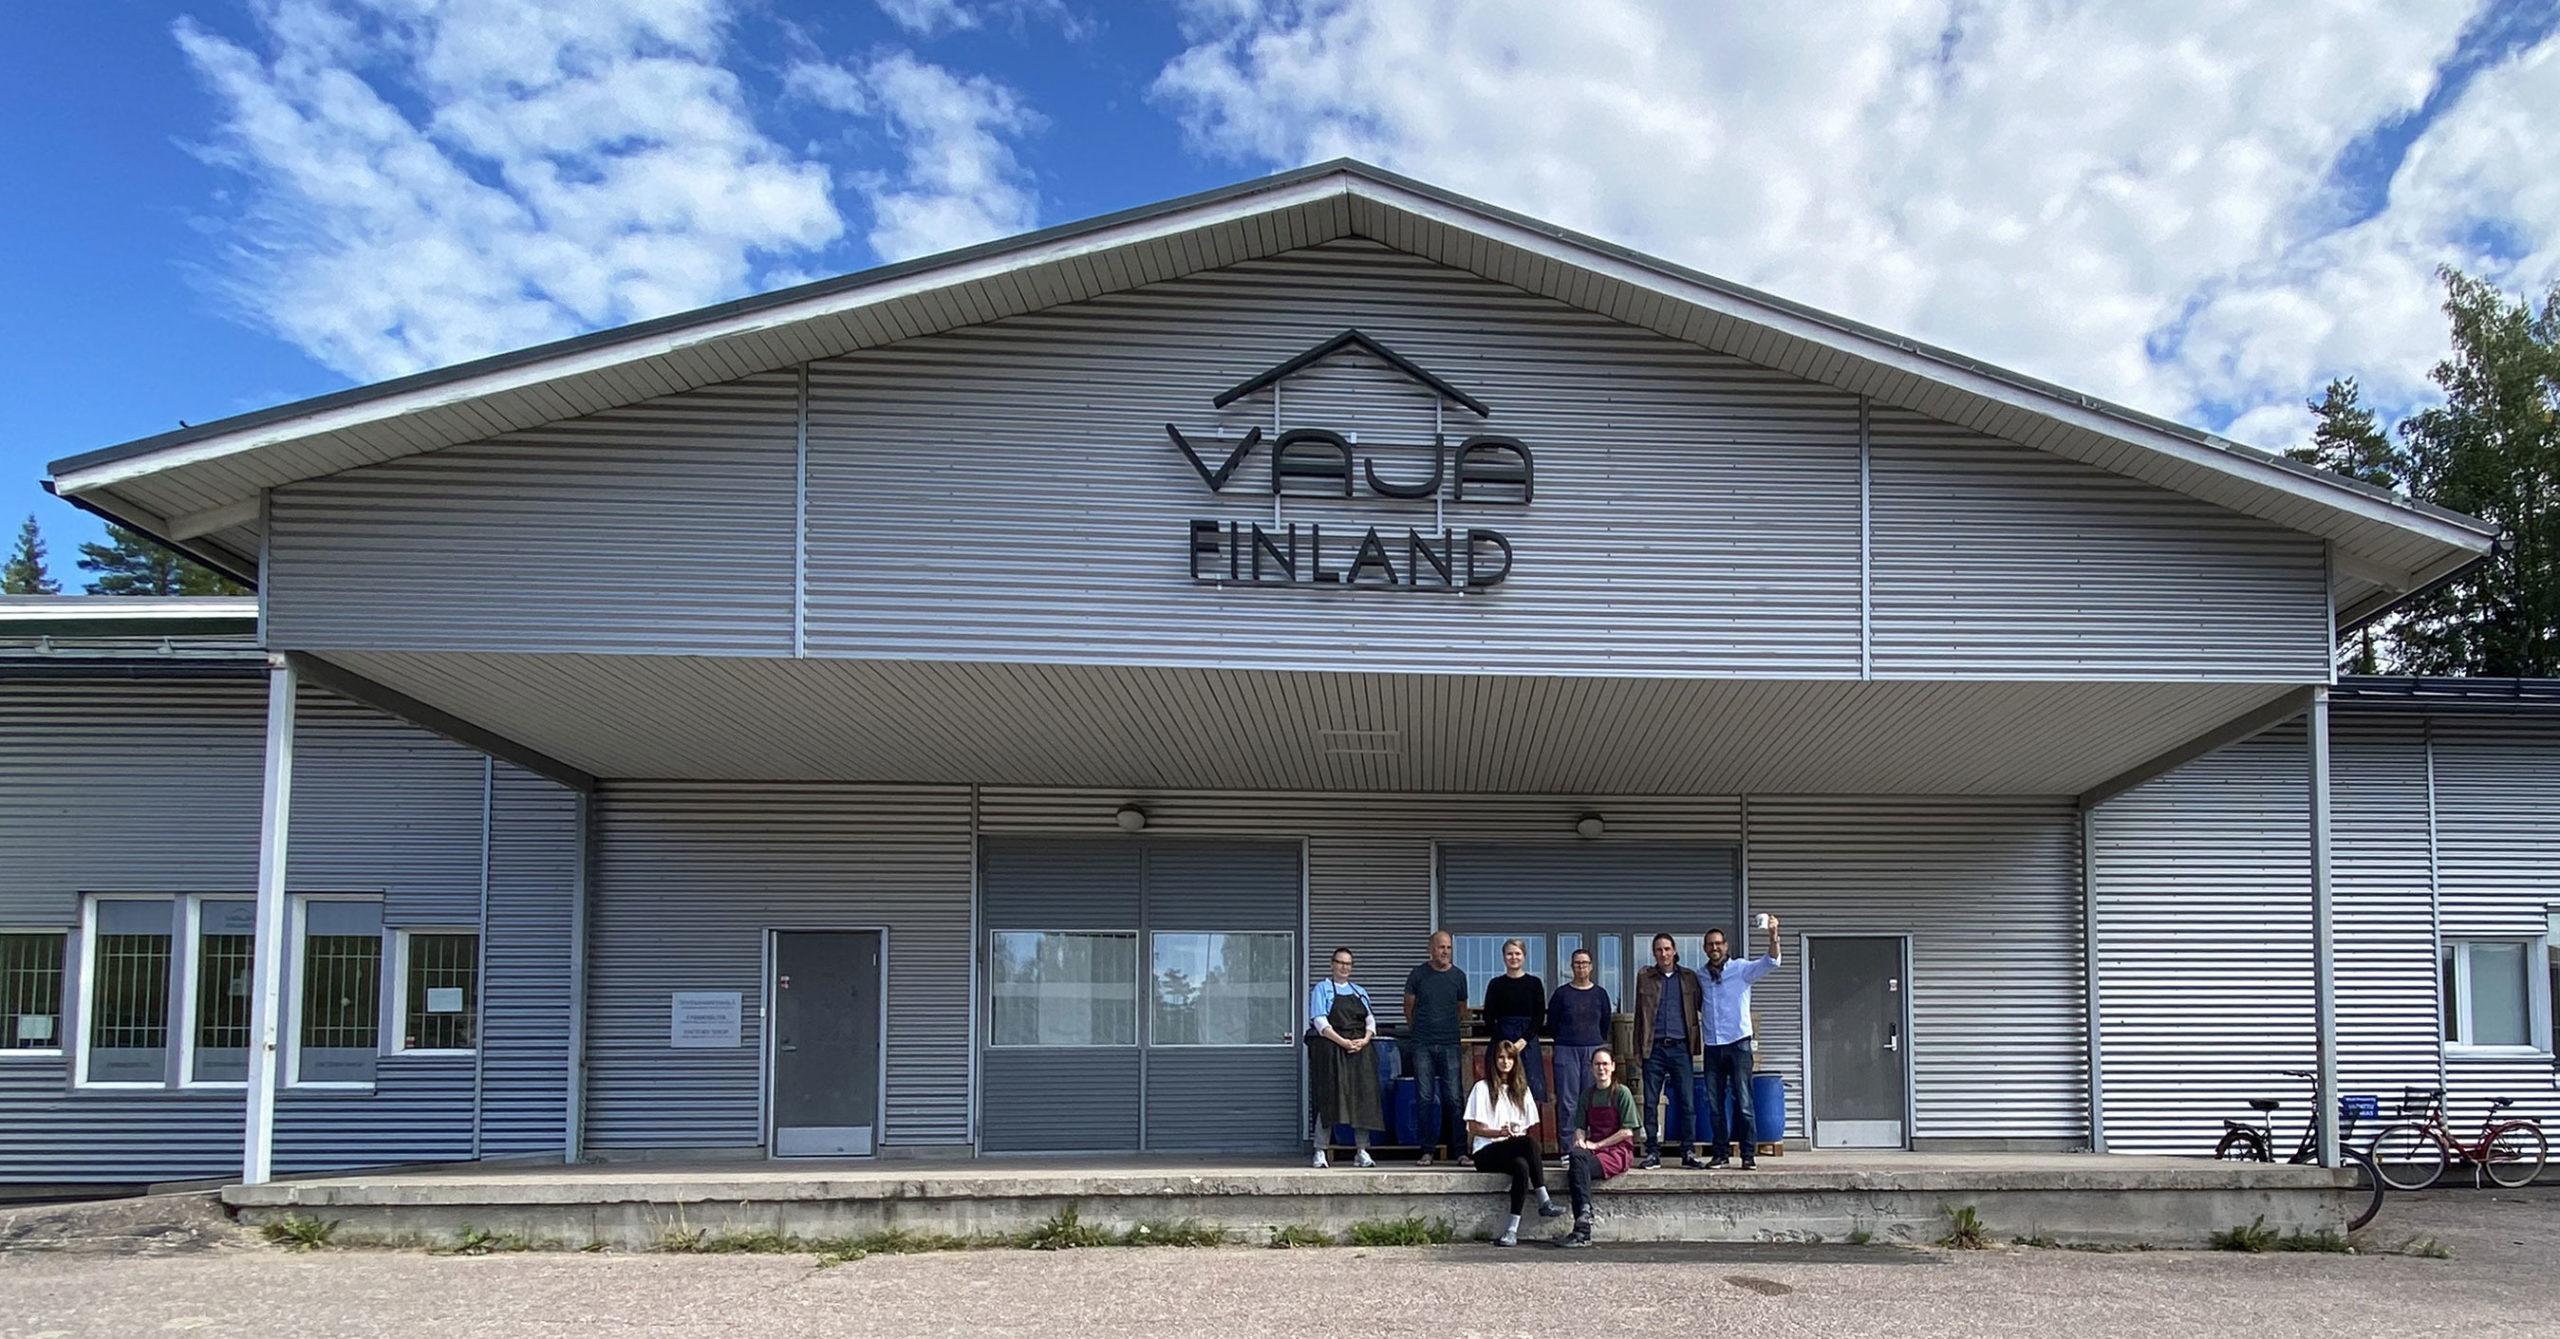 vajafinland_team-3_reso-300_blog